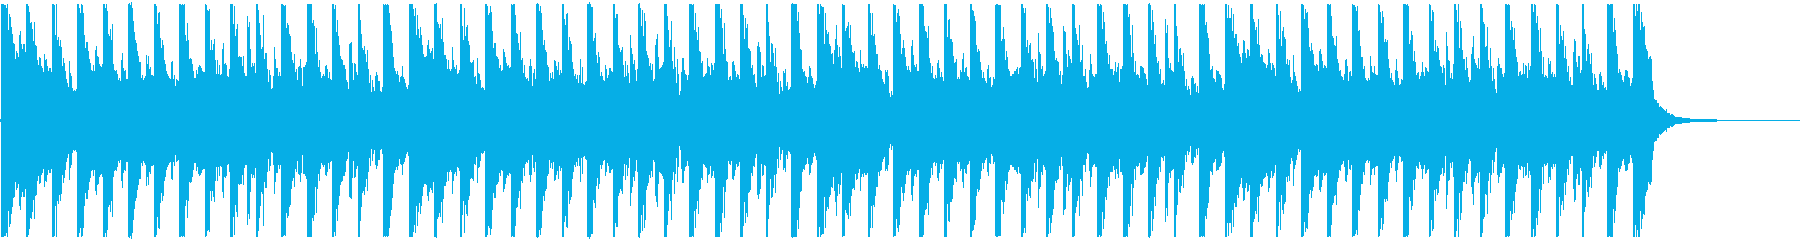 コーポレートに!洋楽・楽しい・誕生日Sの再生済みの波形